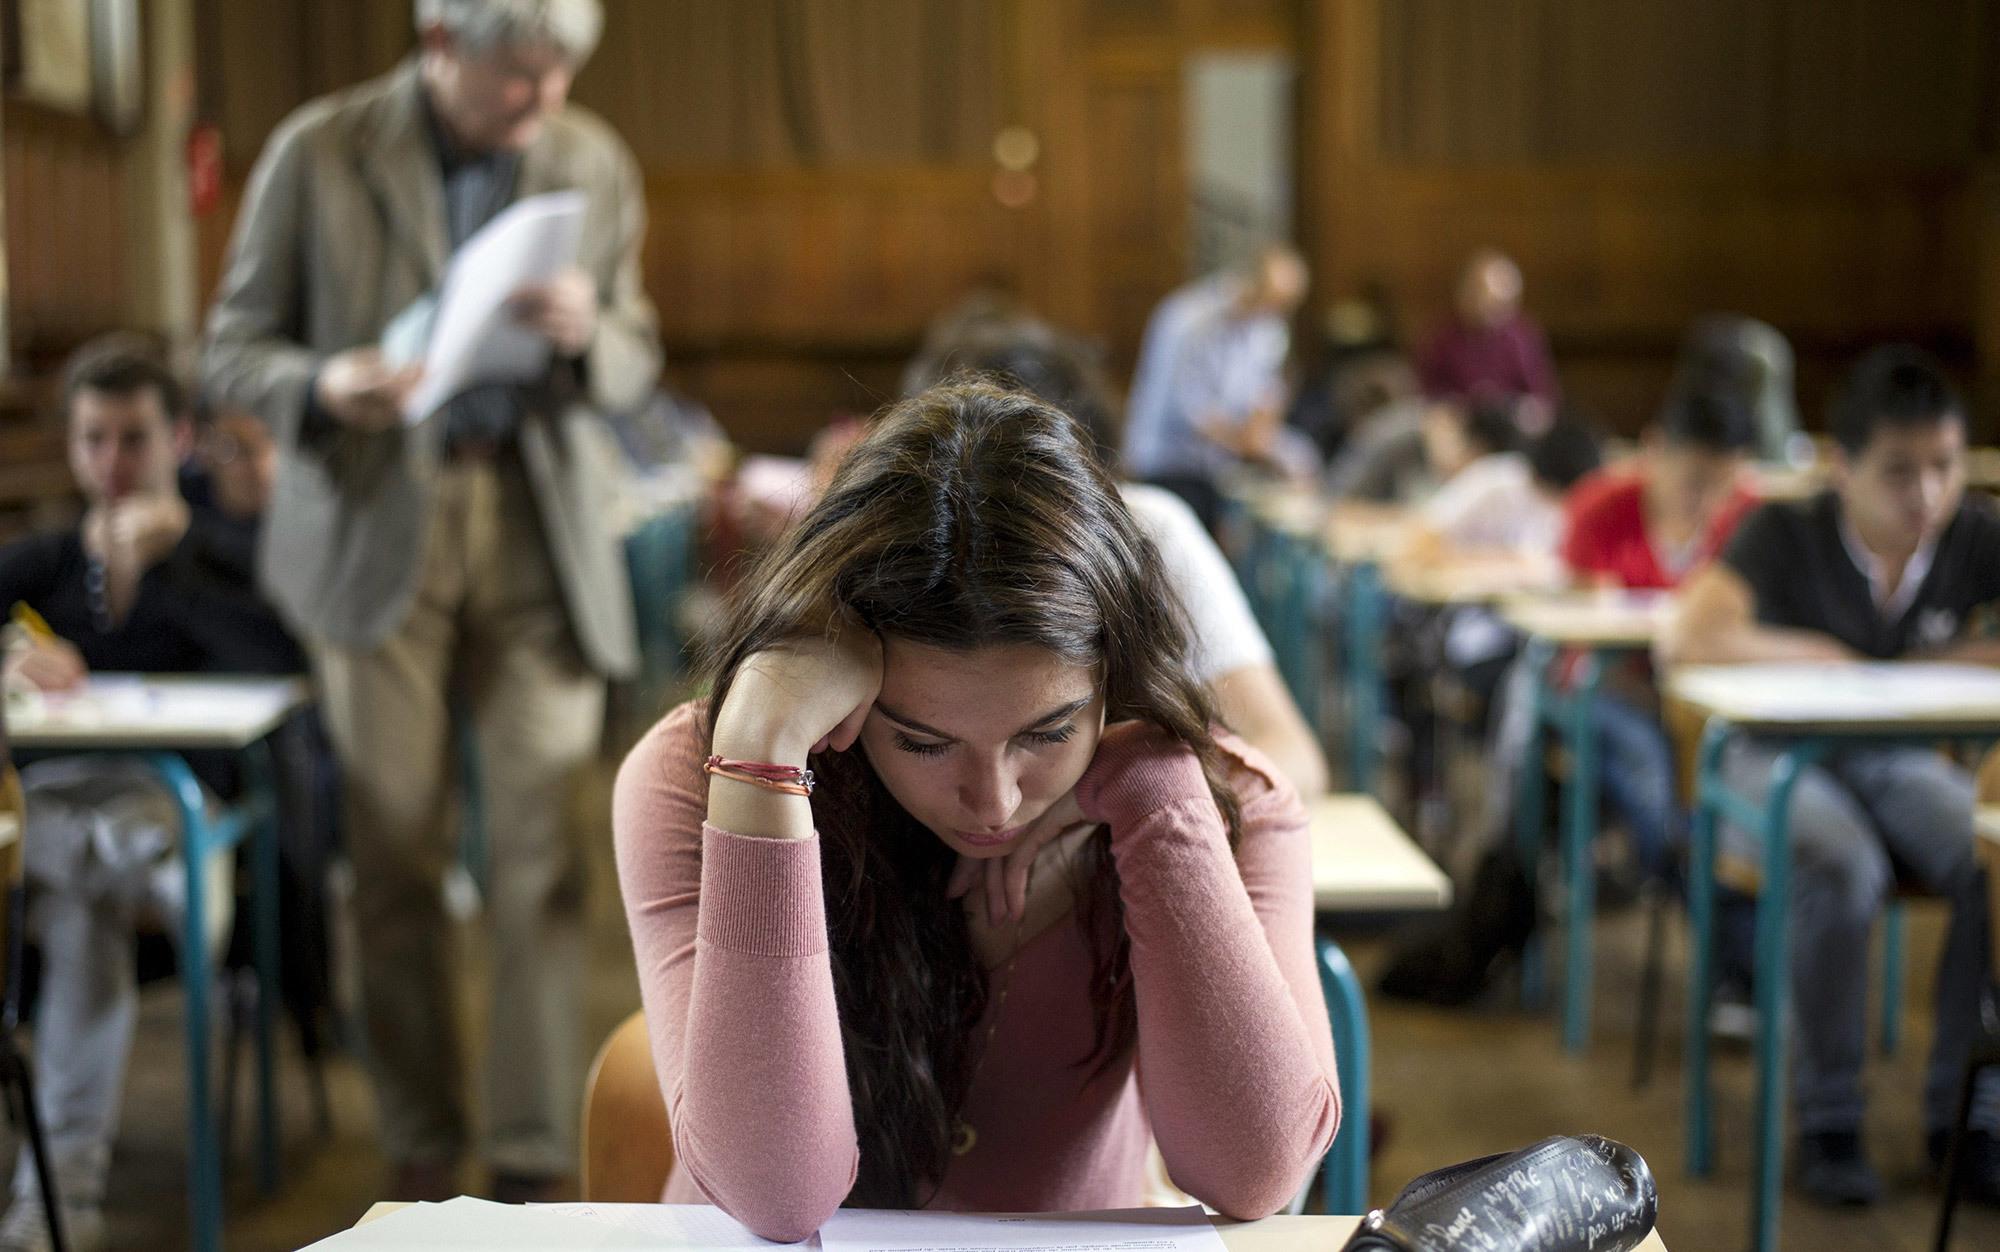 Concorsi scuola: si parte entro fine anno, in palio 60.000 posti